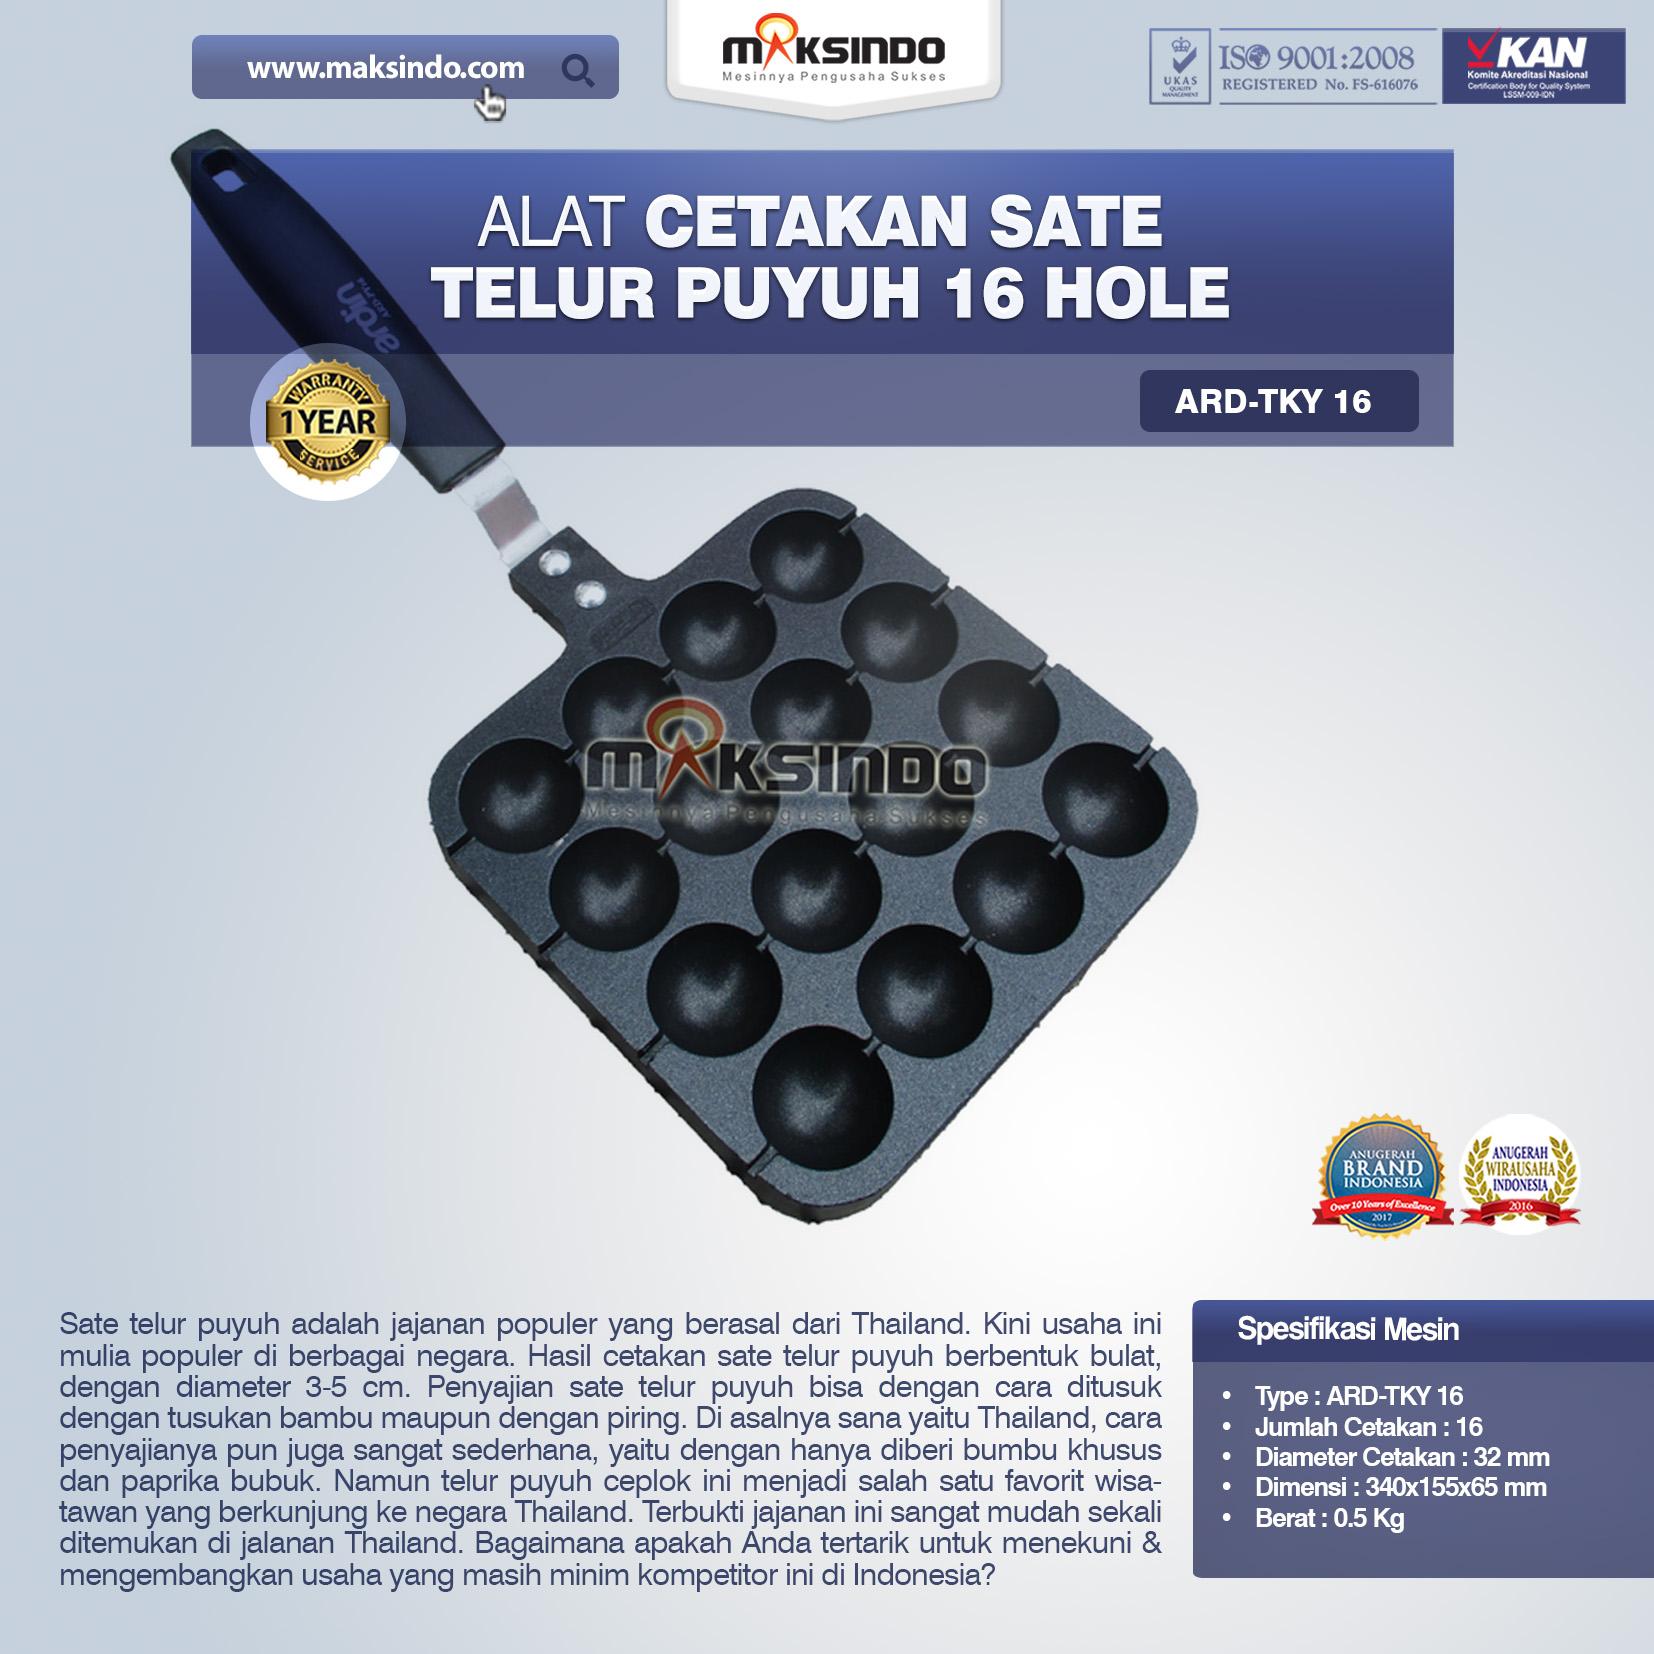 Jual Alat Cetakan Sate Telur Puyuh 16 Hole Ardin TKY16 di Malang